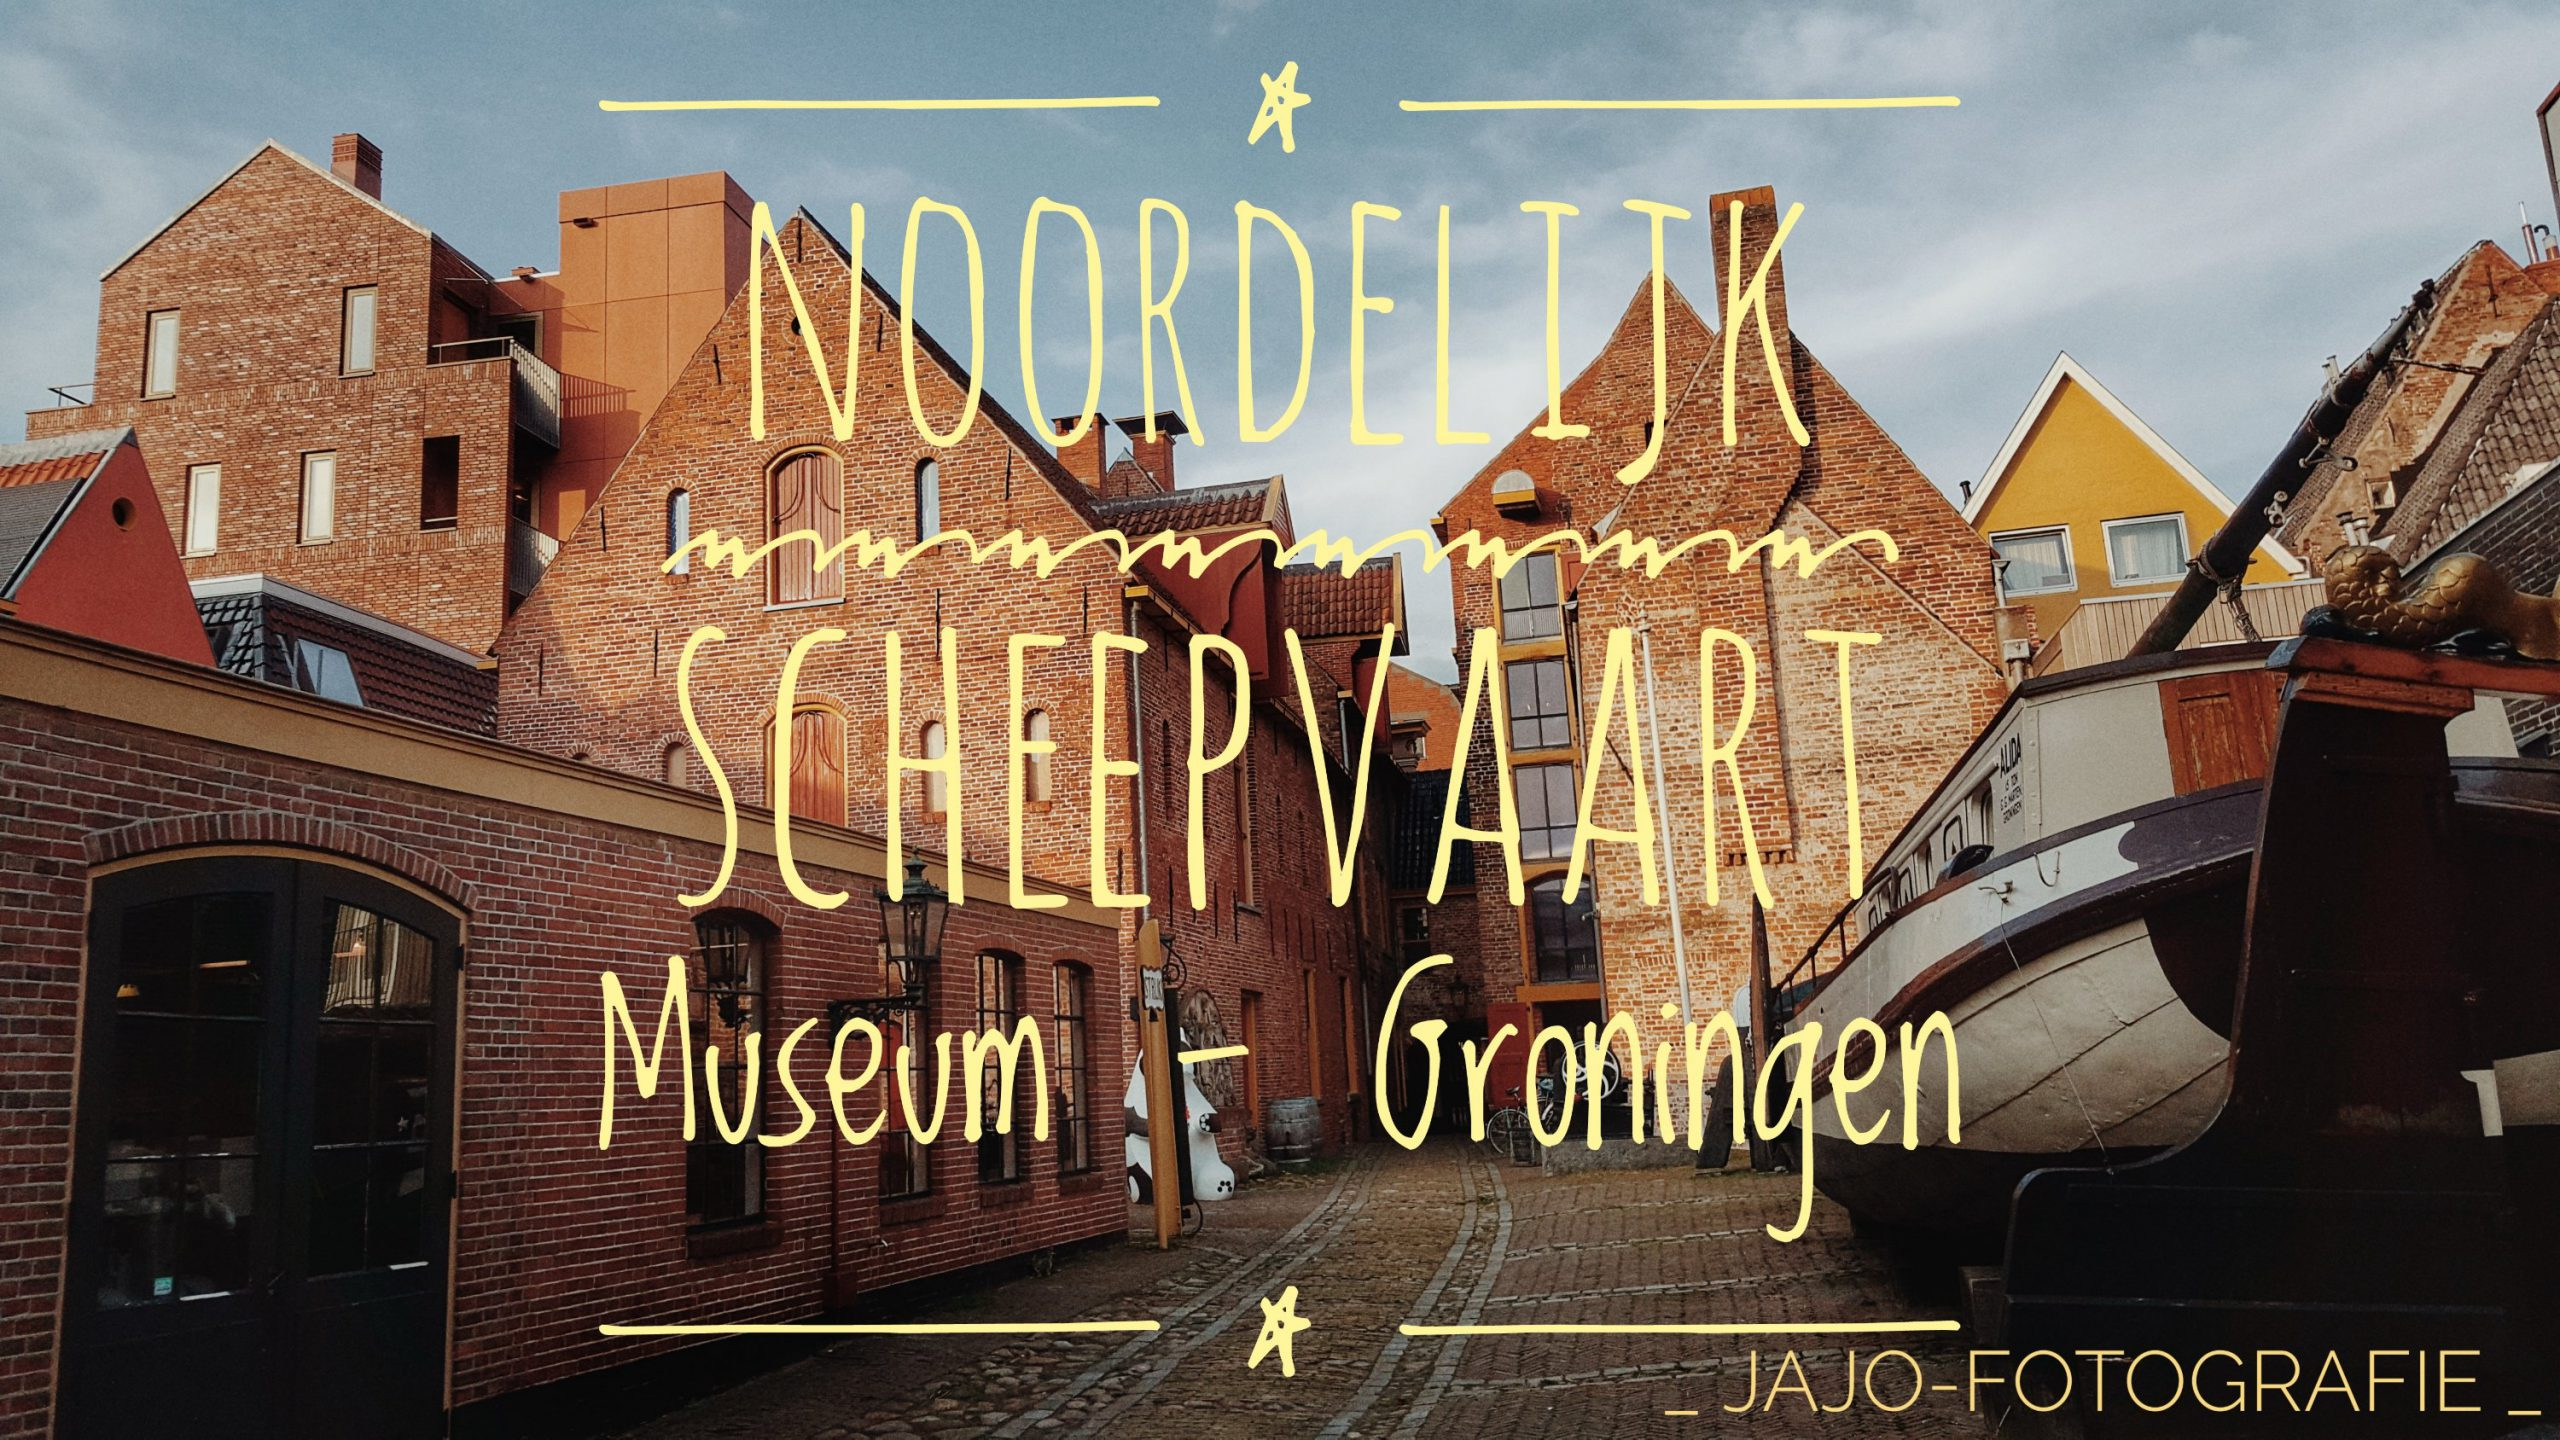 Noordelijk Scheepvaartmuseum – Groningen